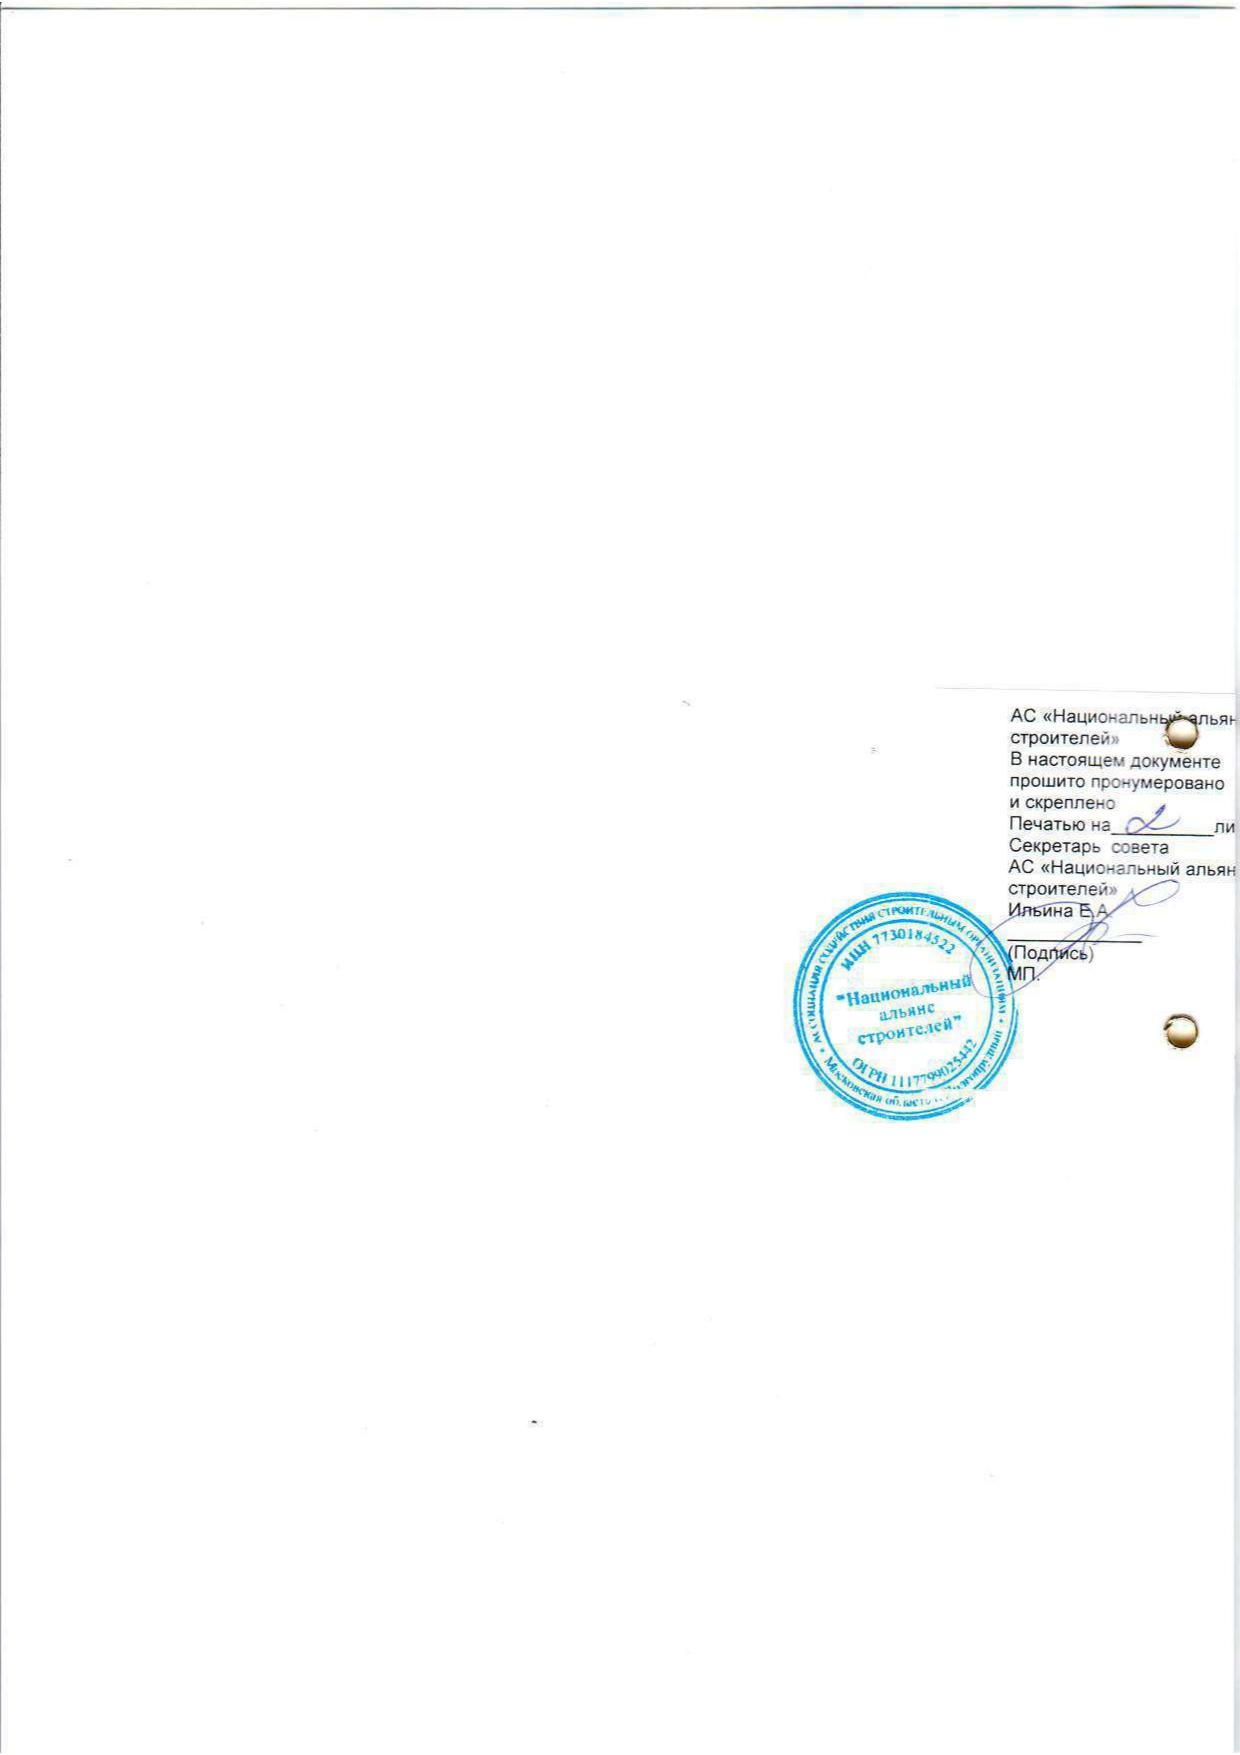 Выписка СРО 20.07.2021 г. стр.3